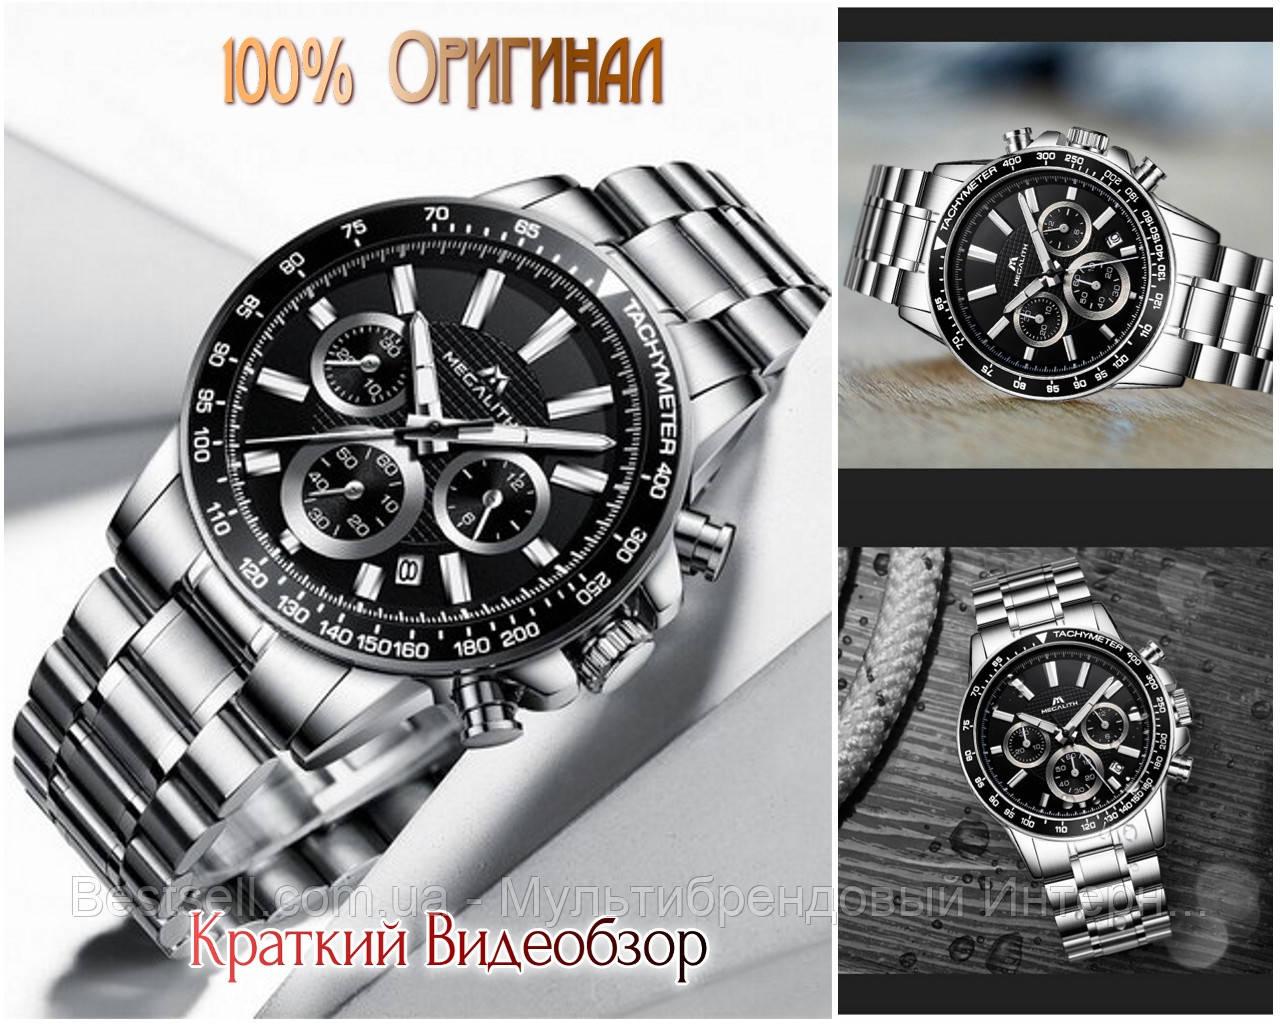 Часы оригинальные мужские наручные кварцевые Megalith 0089M-1 Silver-Black / стальной ремешок